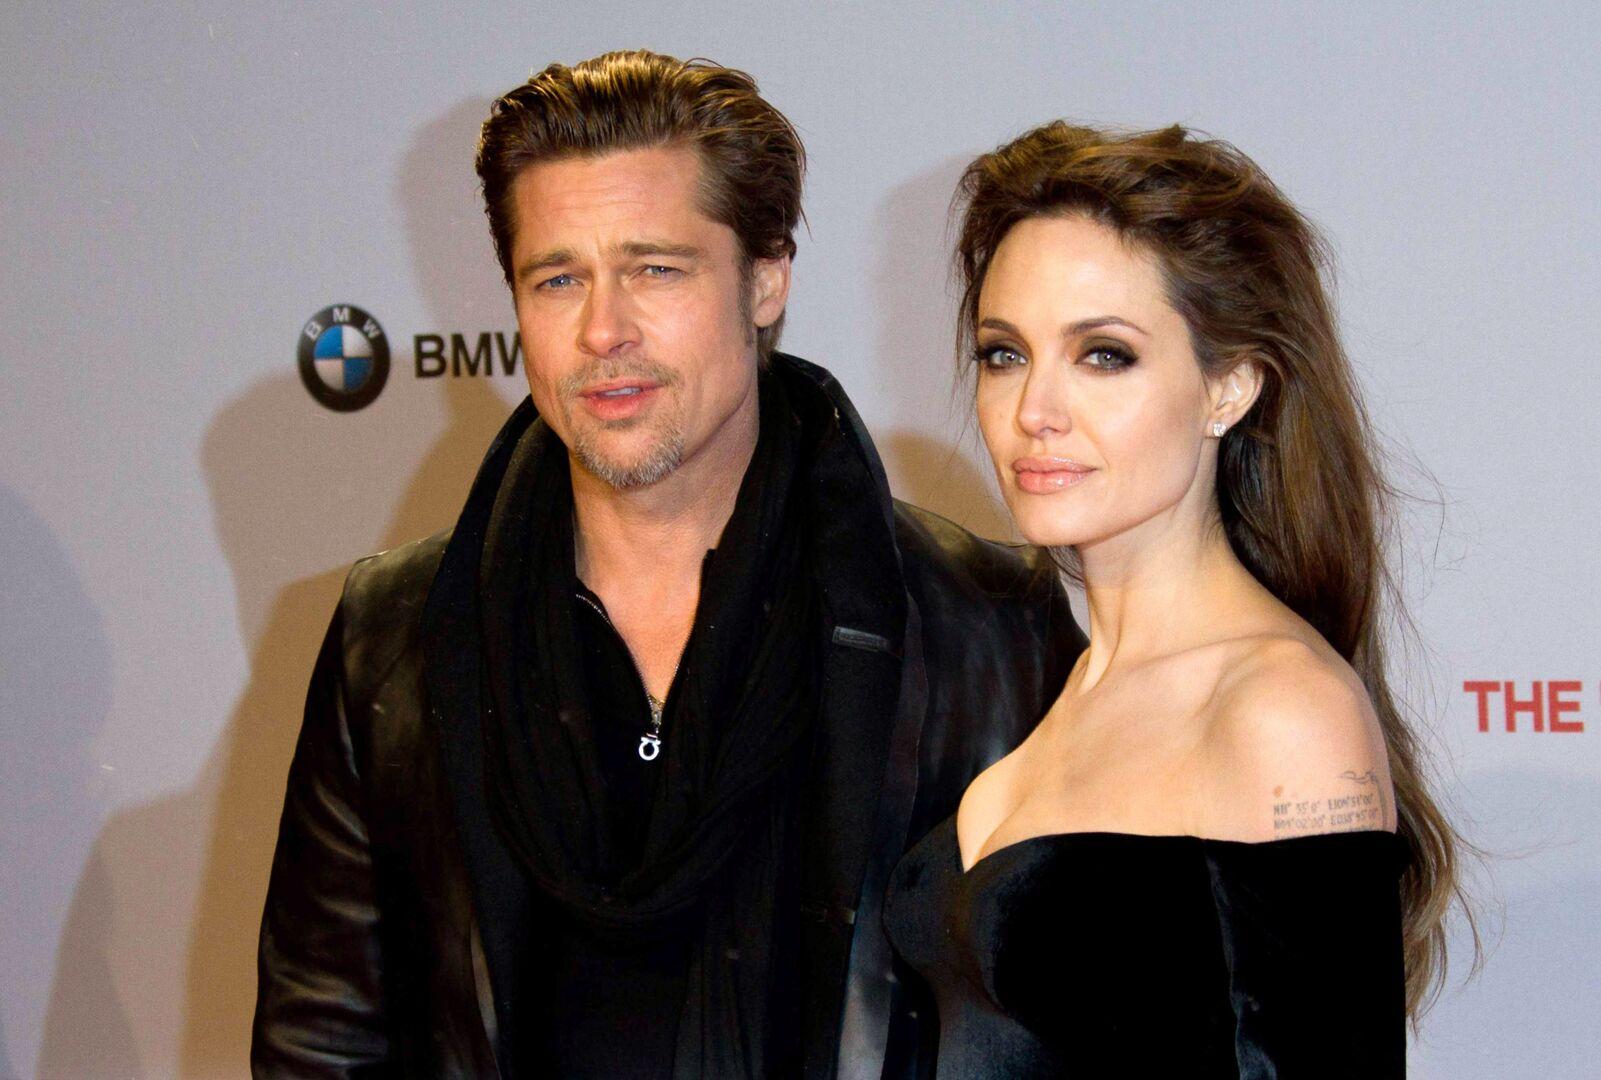 """Descubren el nuevo plan de Angelina Jolie para """"enloquecer"""" a Brad Pitt - Chic"""